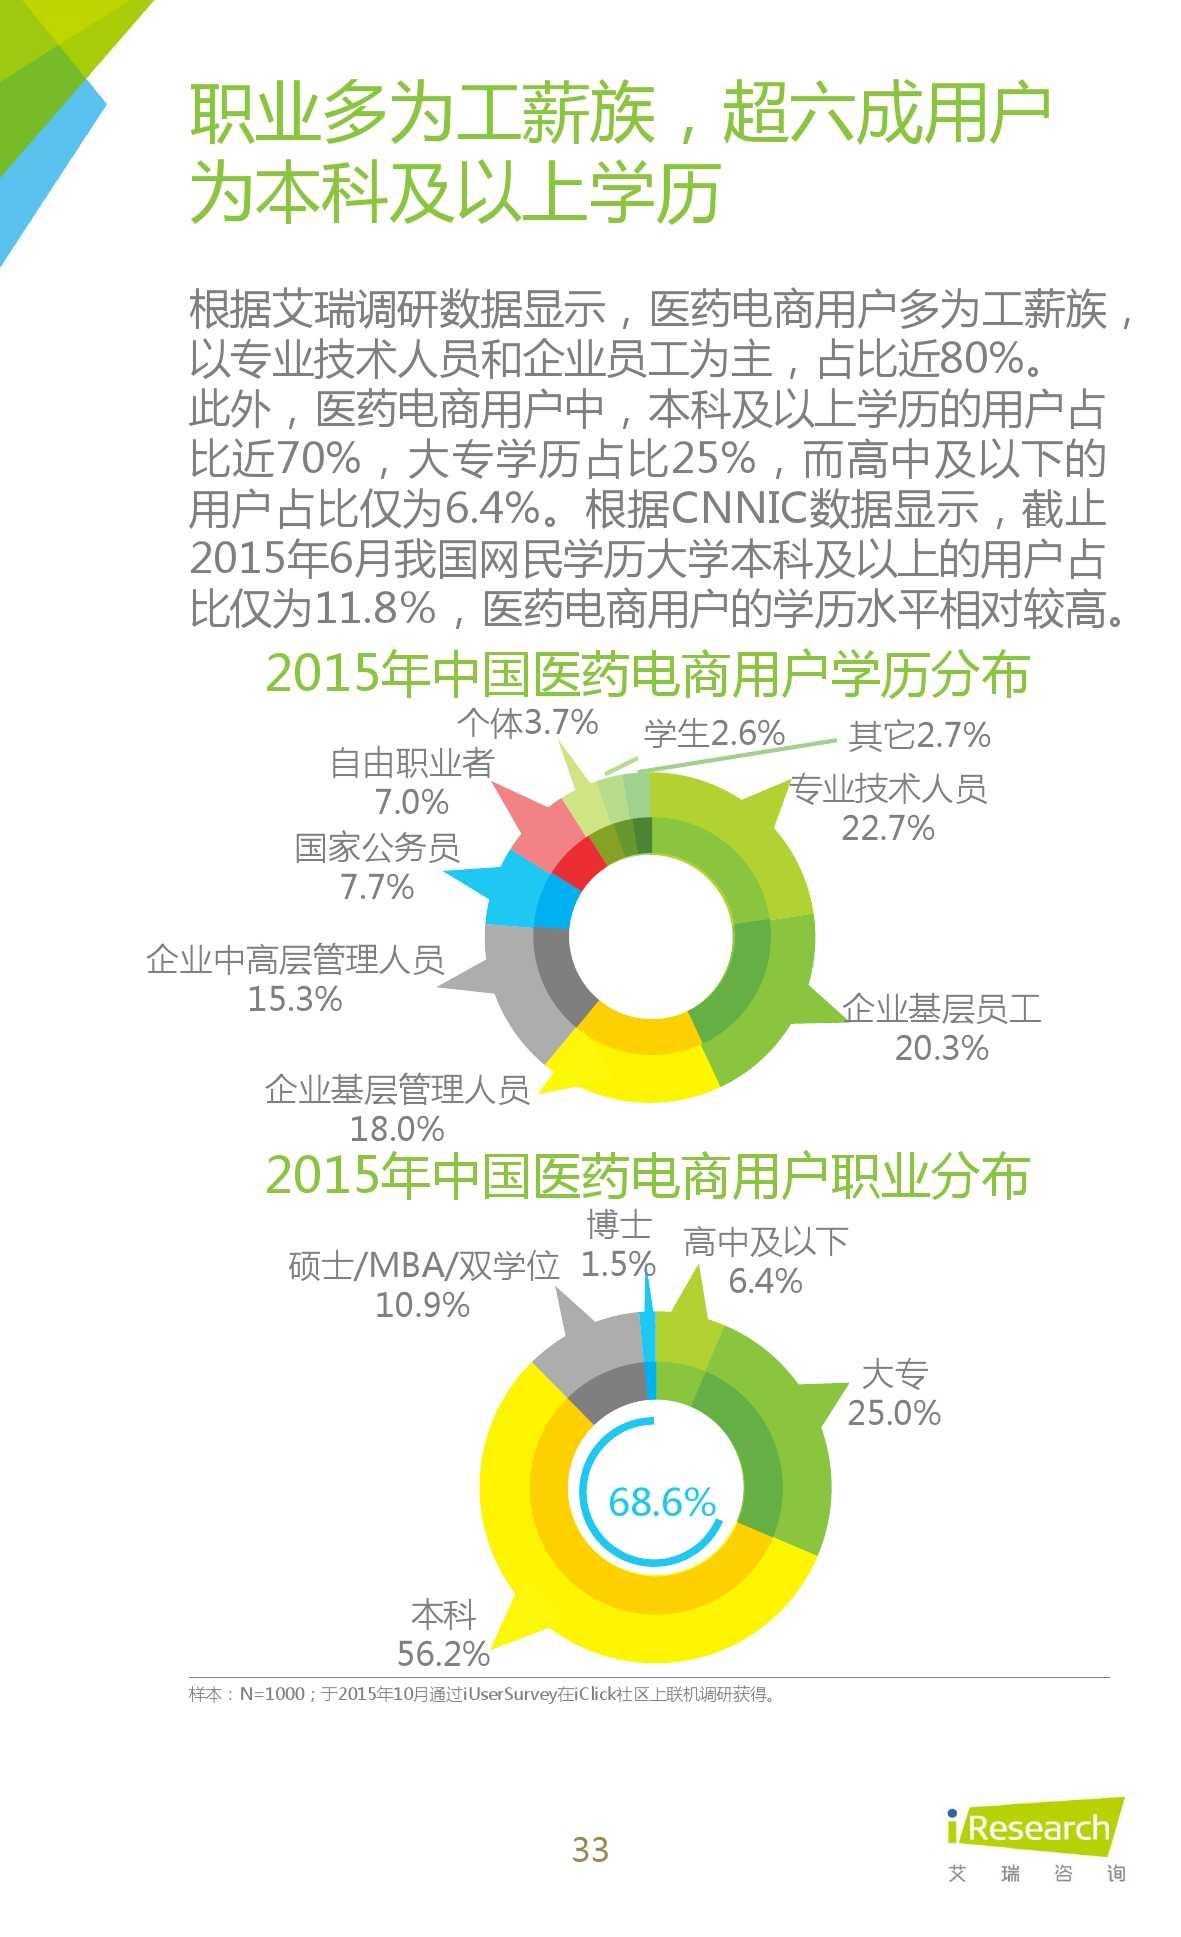 2015年中国医药电商用户行为研究报告_000033